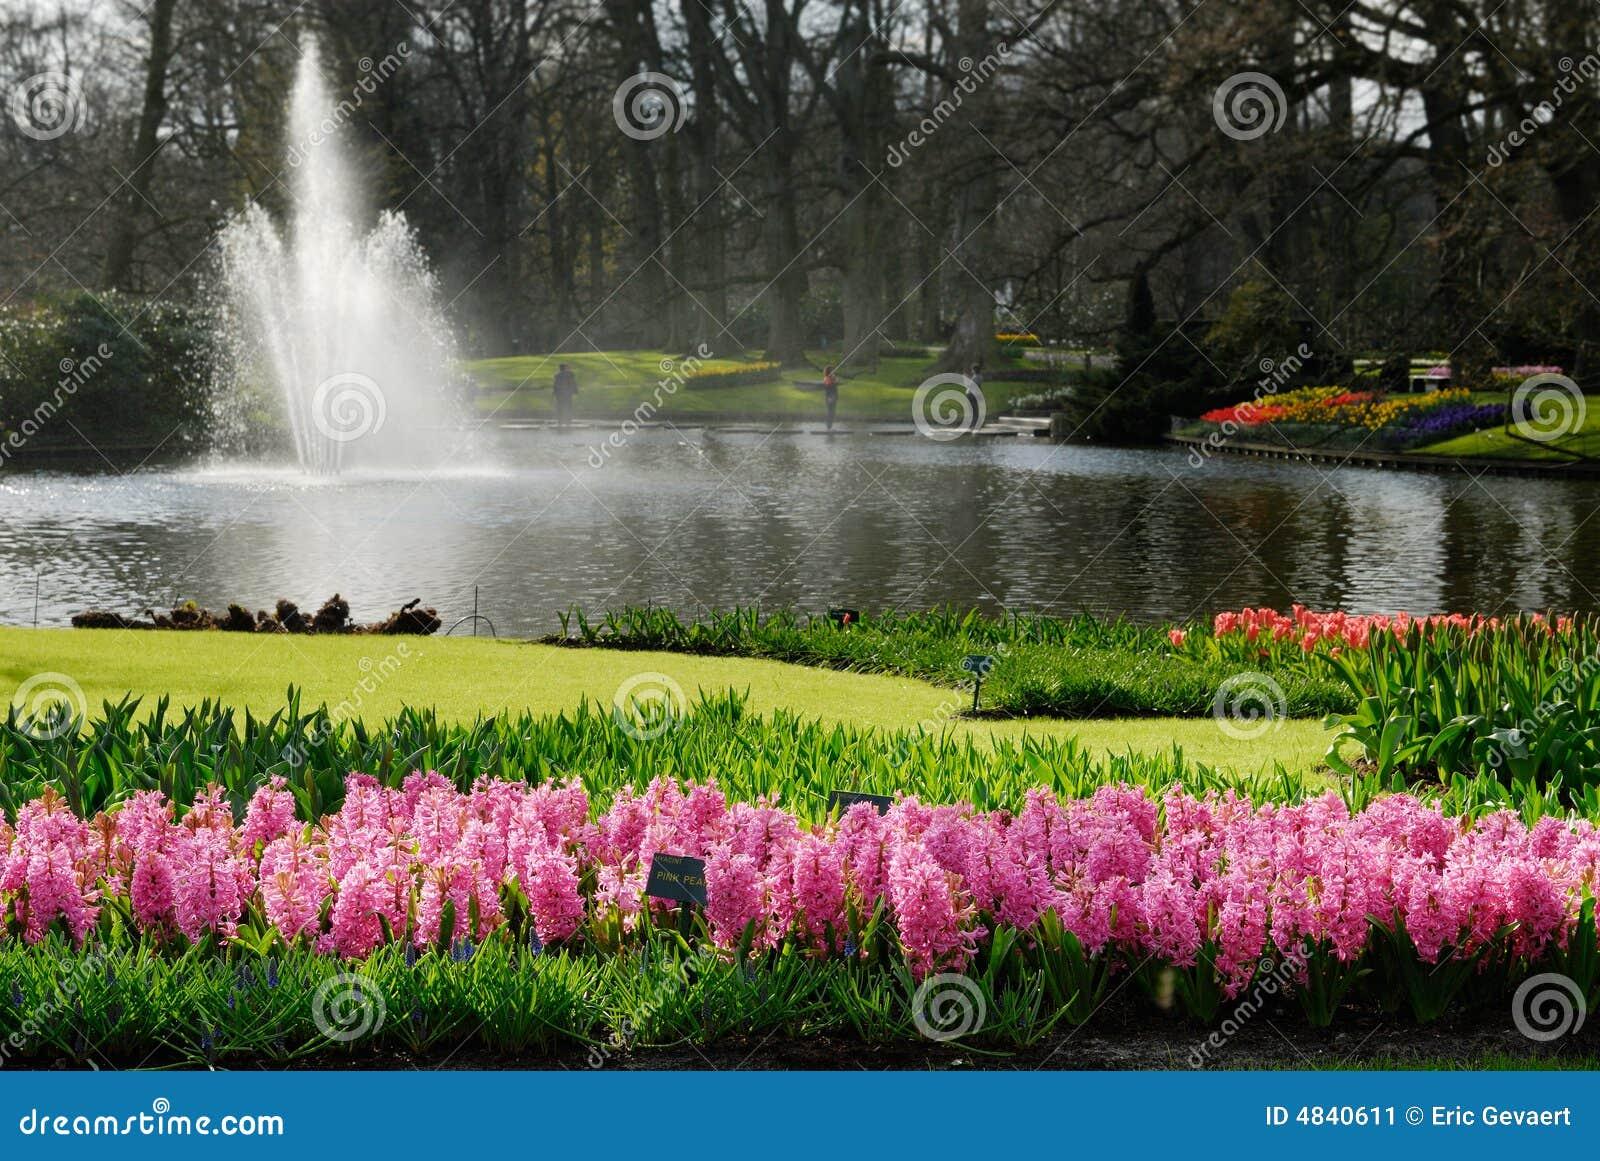 garden design garden design with flower garden pictures pictures